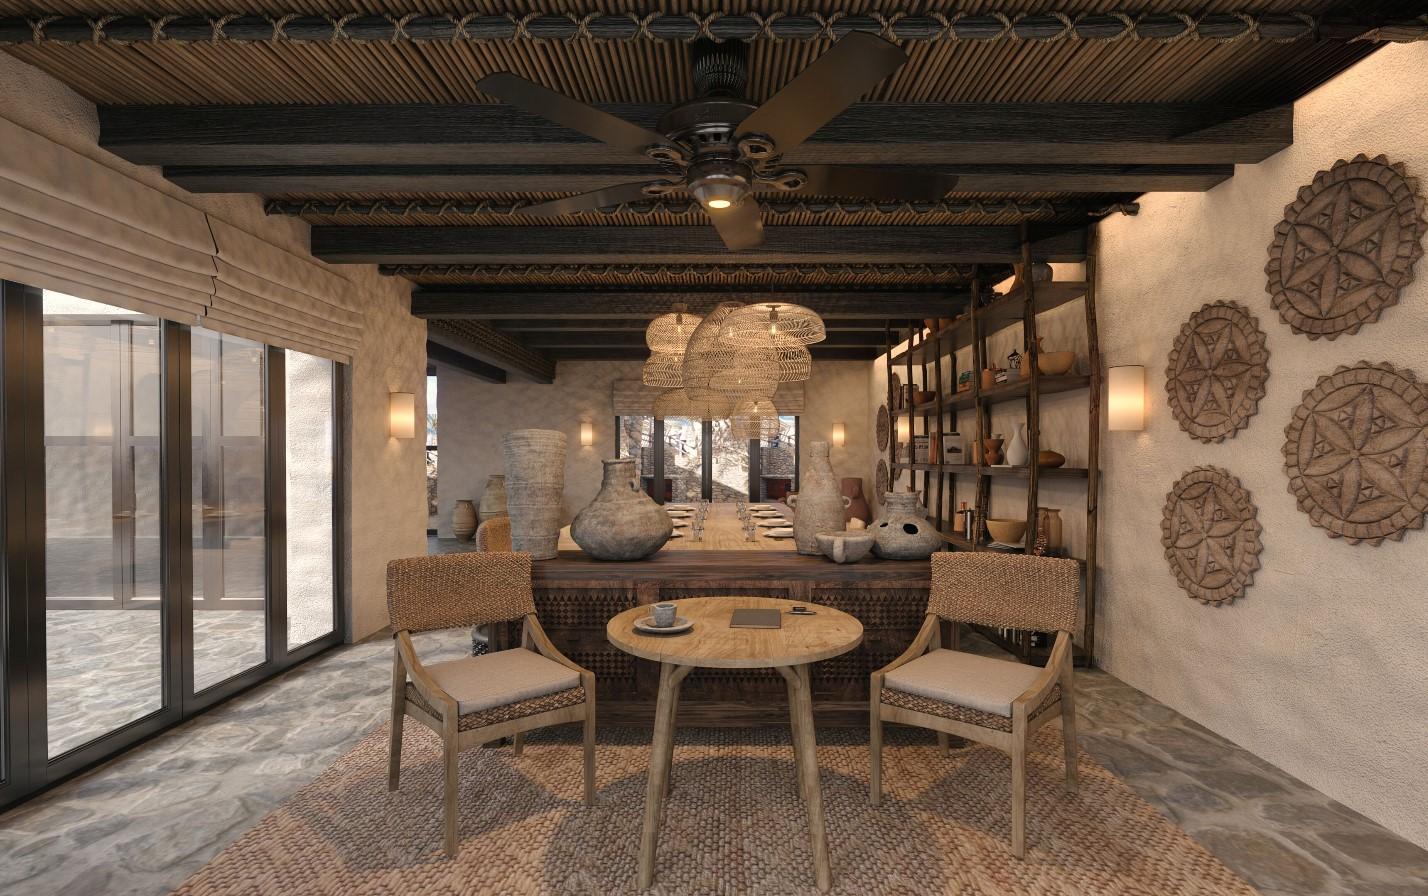 Six Senses Zighy Bay to undergo renovation